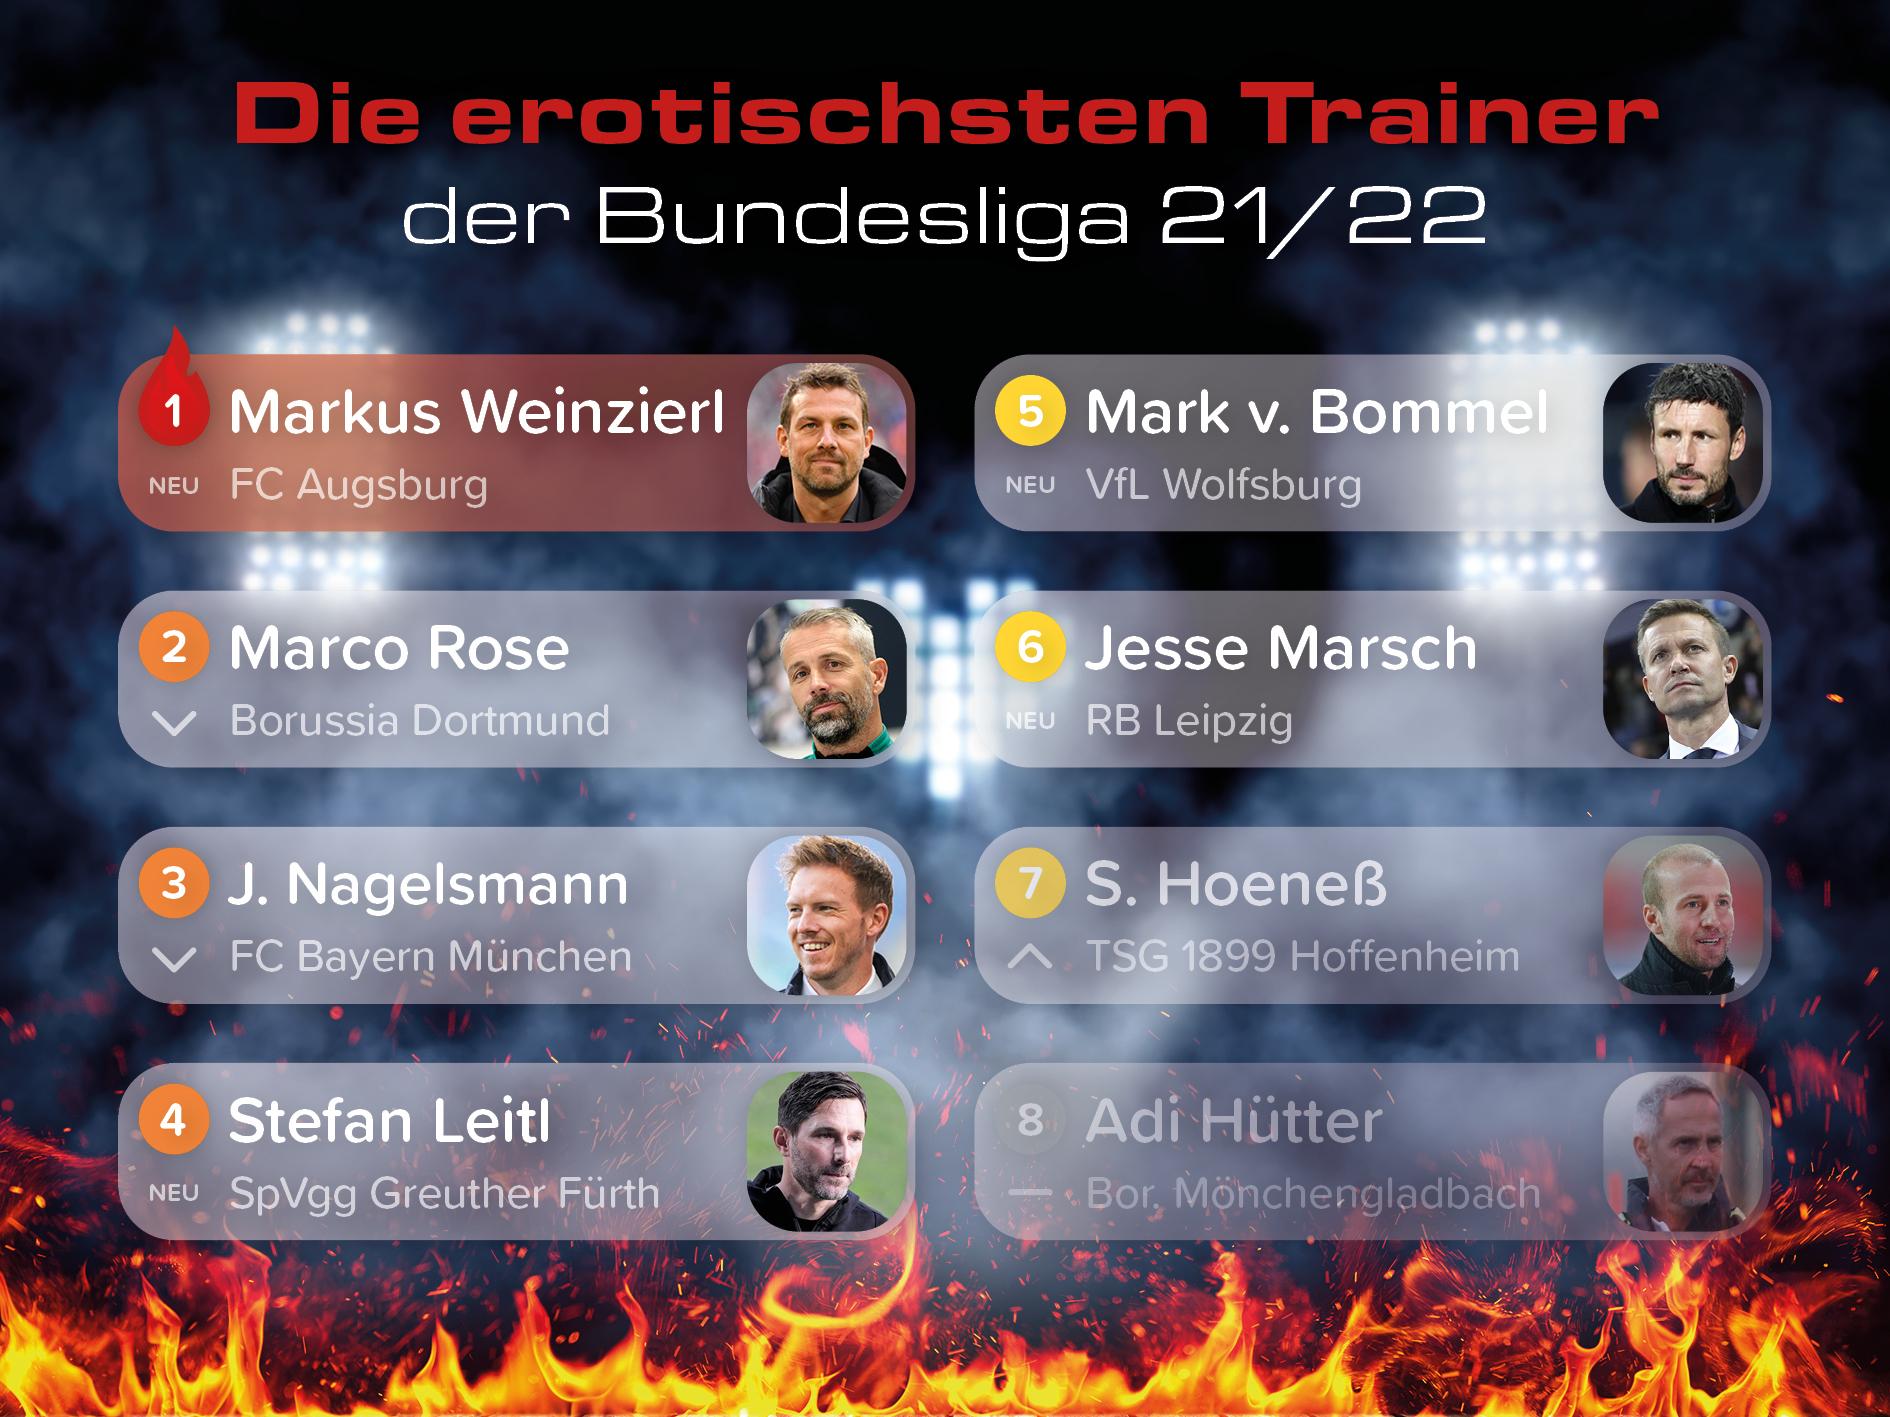 Markus Weinzierl ist erotischster Bundesliga-Trainer